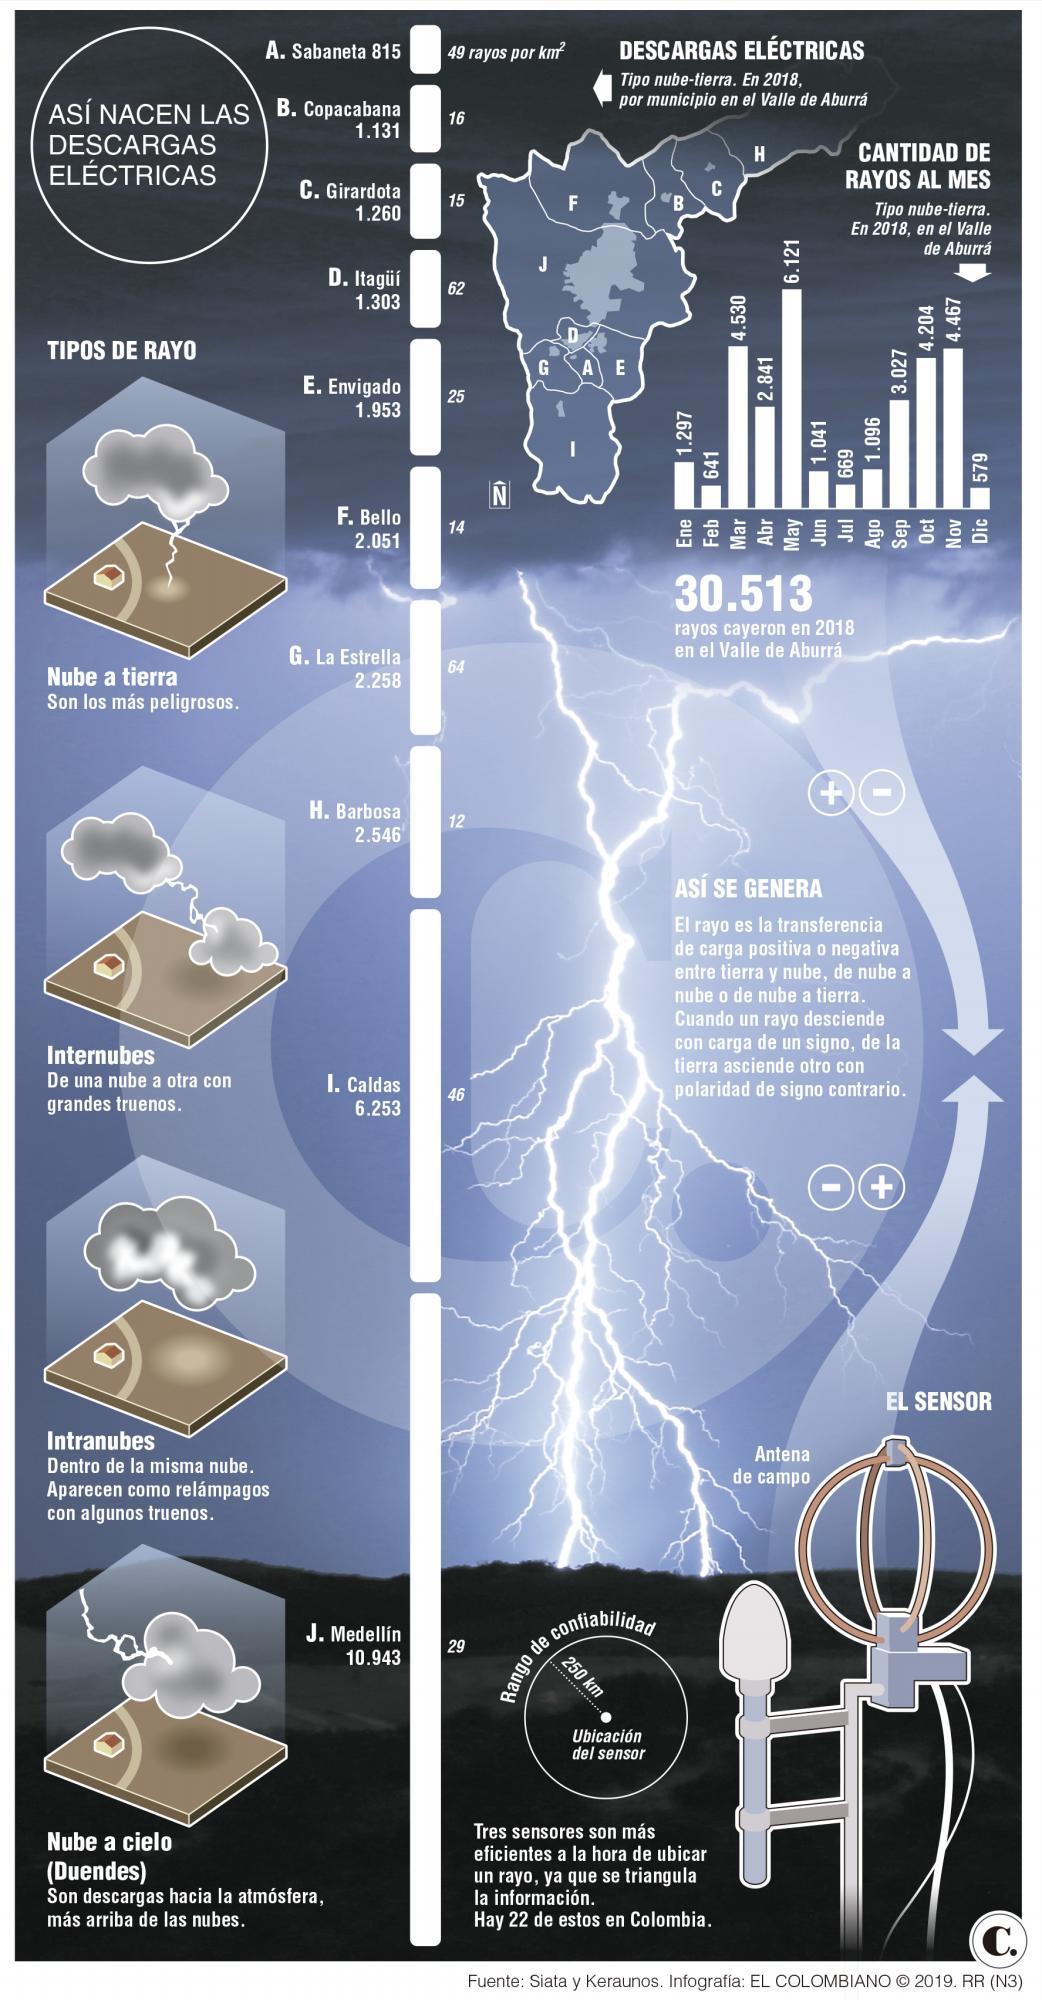 ¿Cómo rayos cuentan la cantidad de relámpagos en una tormenta?